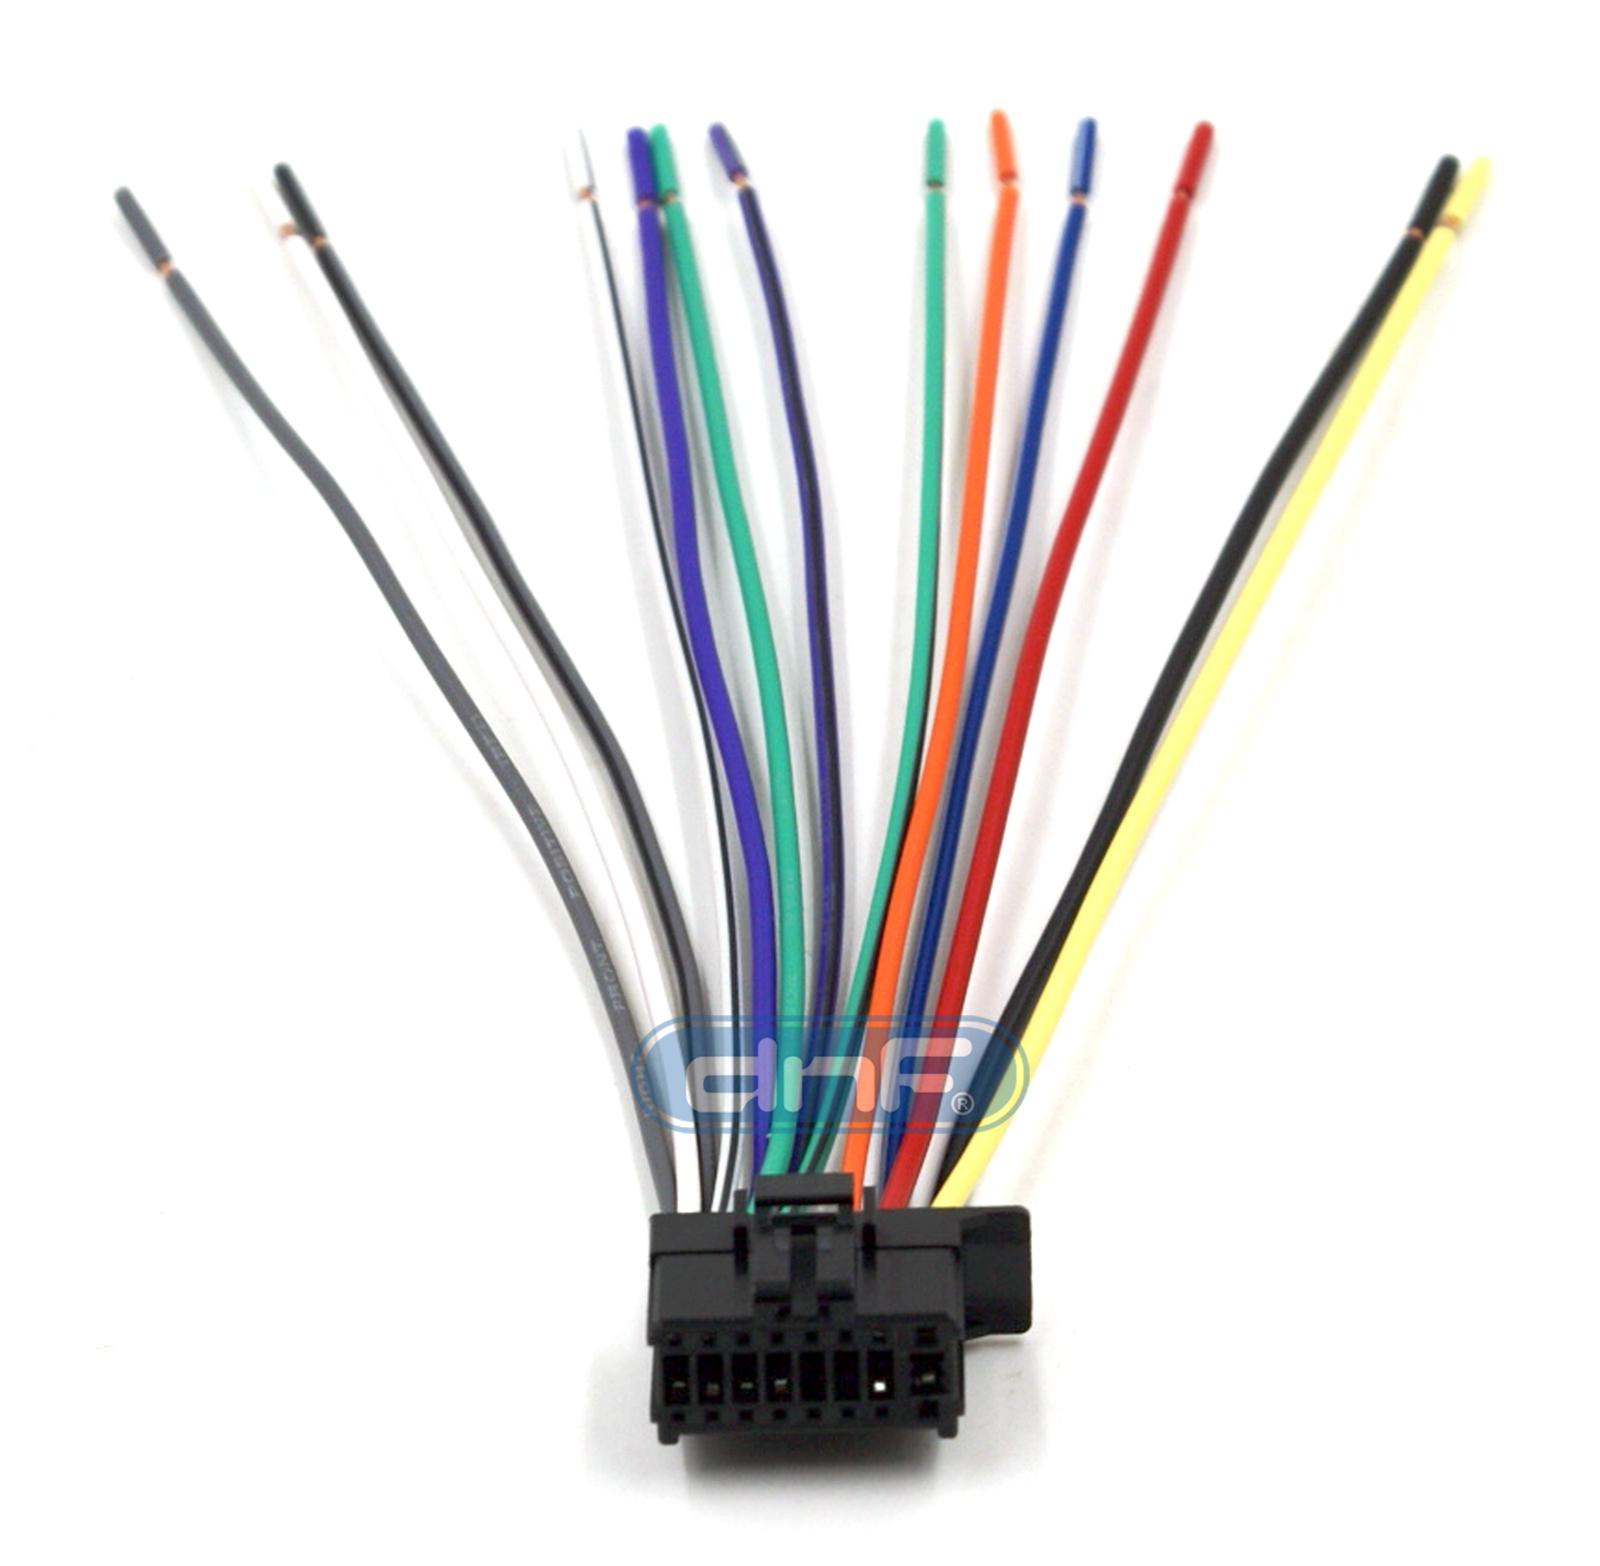 pioneer avic n2 wiring diagram 2 valeo windshield wiper motor avh x3600bhs